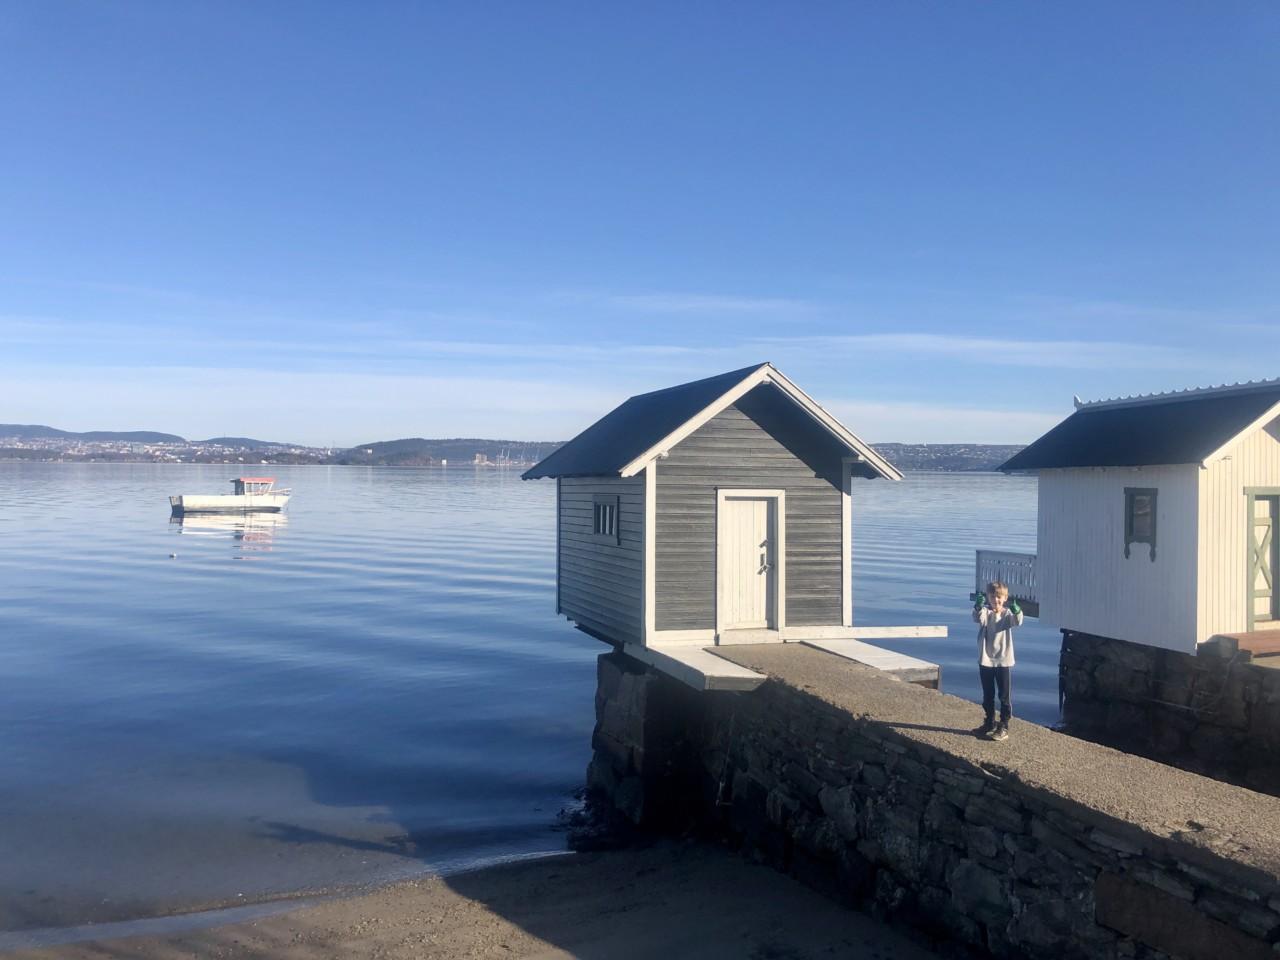 oksval-brygge-badehus-strand-nesodden-februar-2021-vinterferie